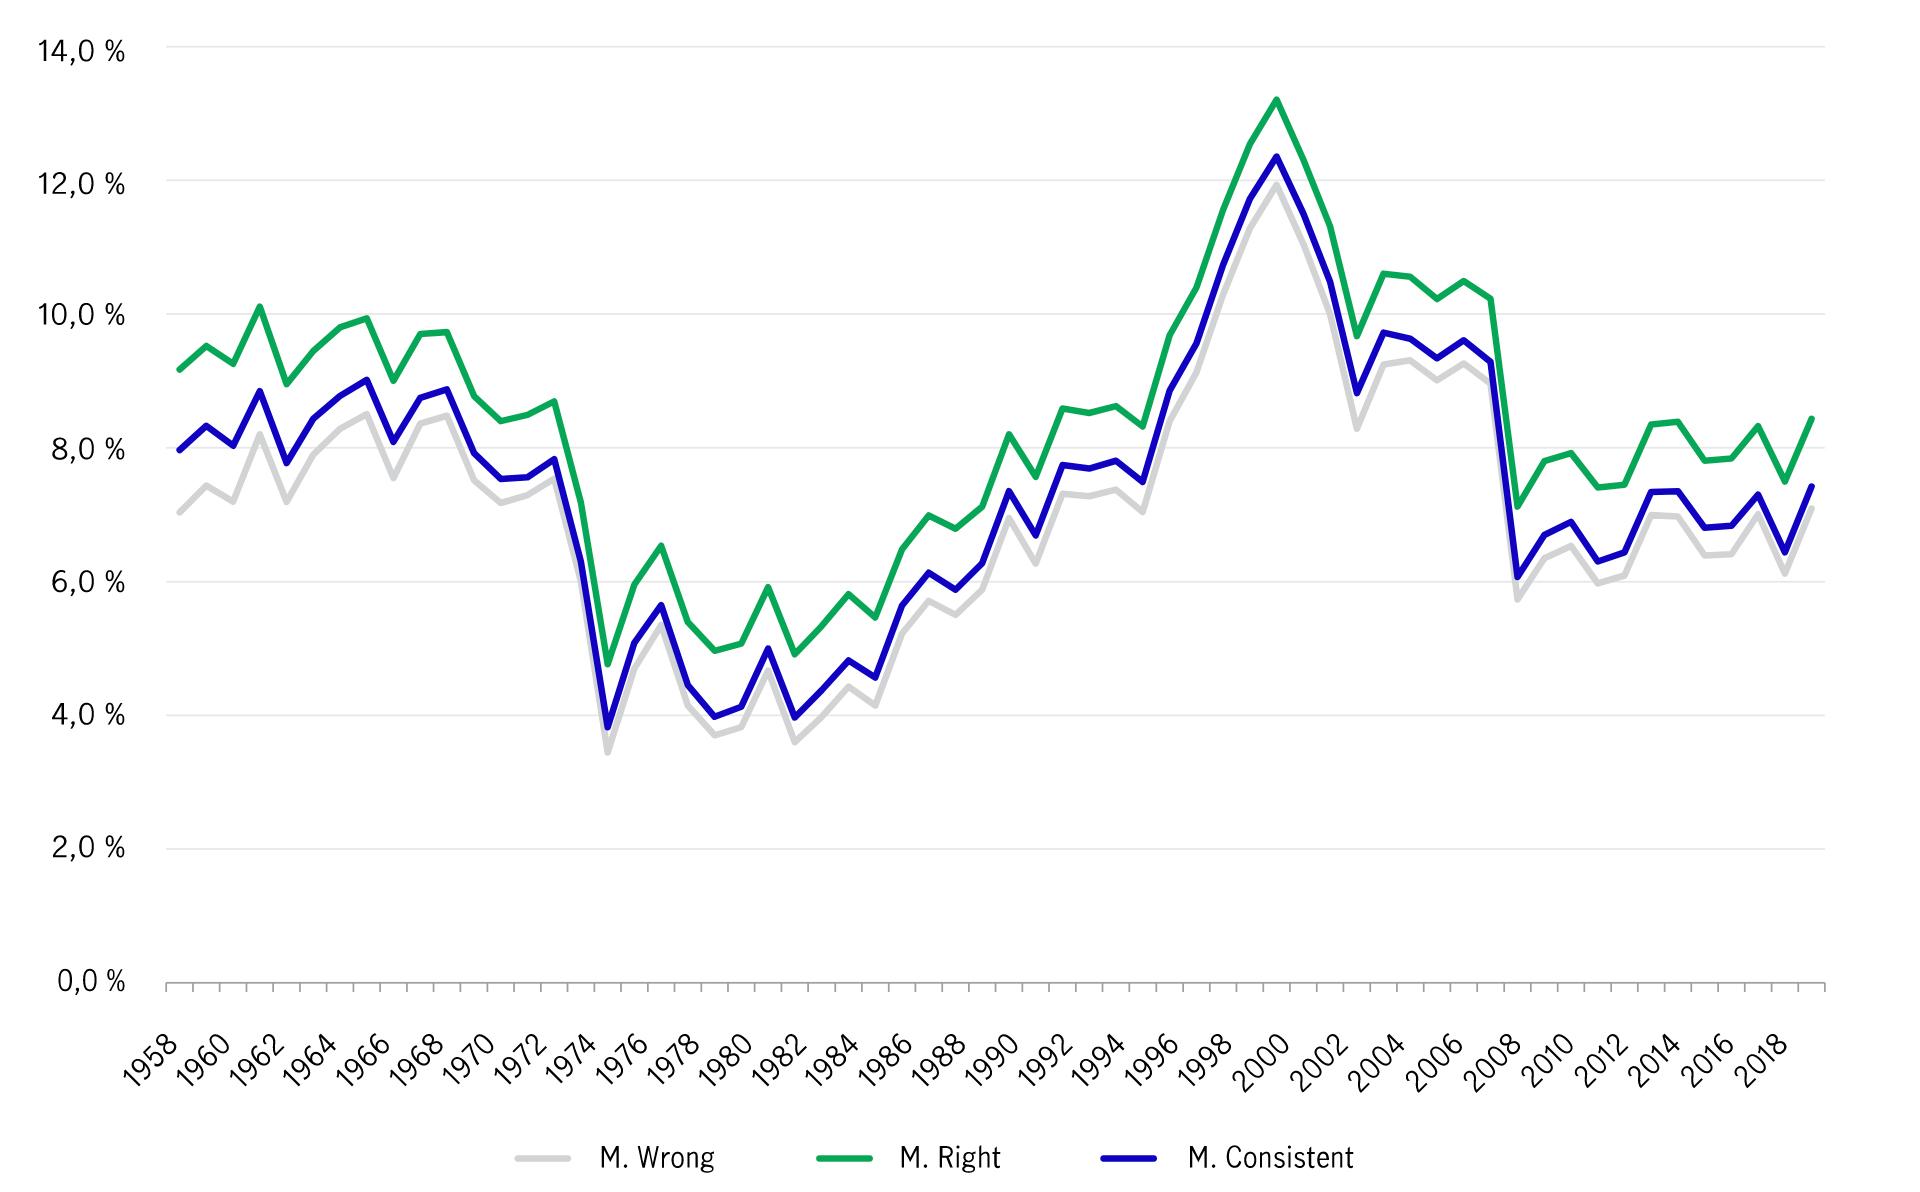 TCe graphique montre le taux de croissance annuel composé du S&P 500 - 30 ans sur trente ans, commençant en 1958 et se terminant en 2018.